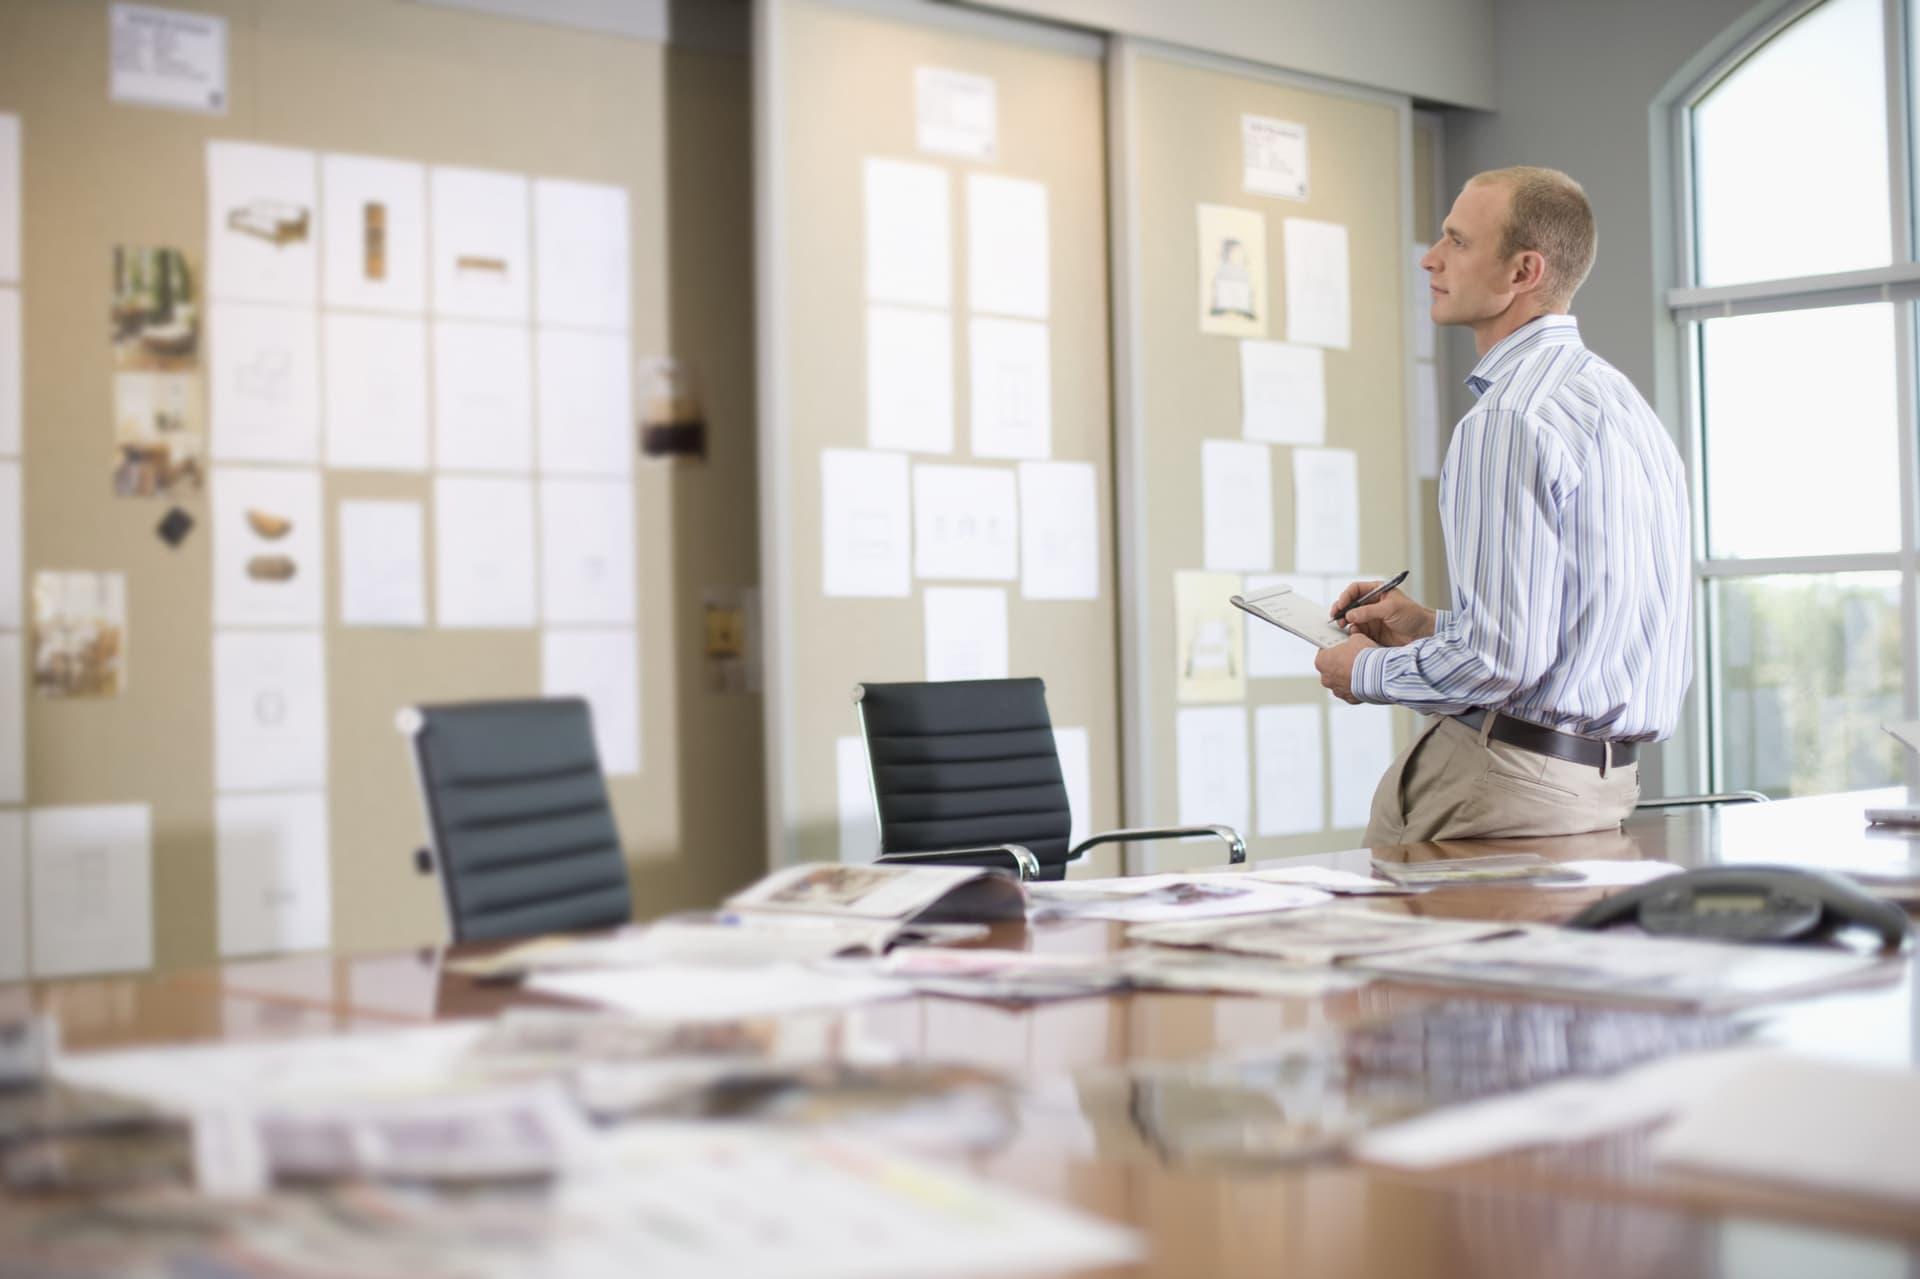 Vuoi innovare con semplicità ed efficacia il tuo business? Ecco uno strumento che ti aiuterà nell'impresa